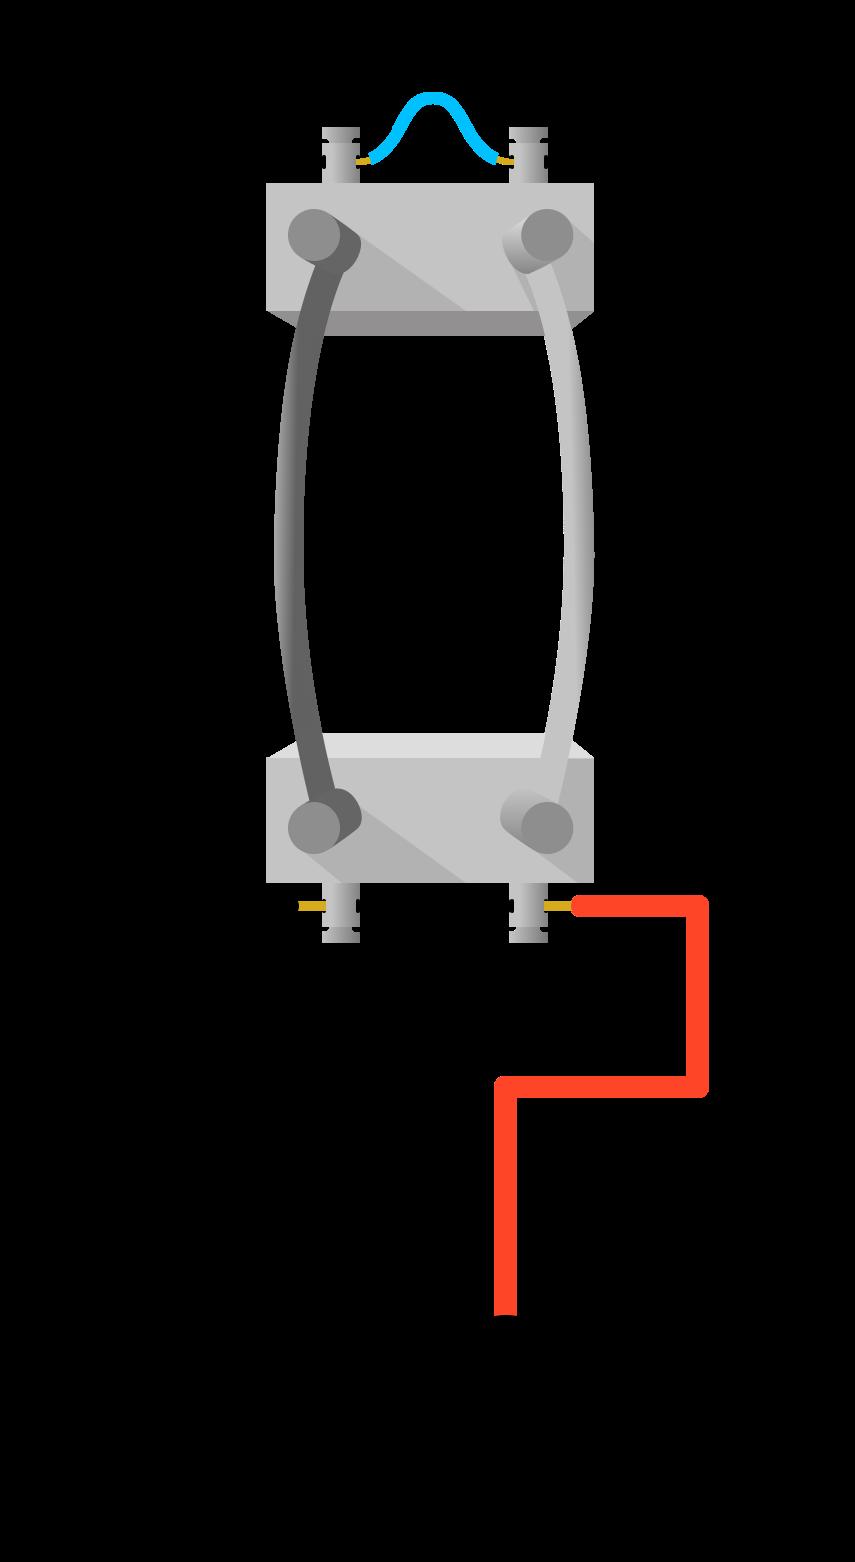 два параллельных проводника